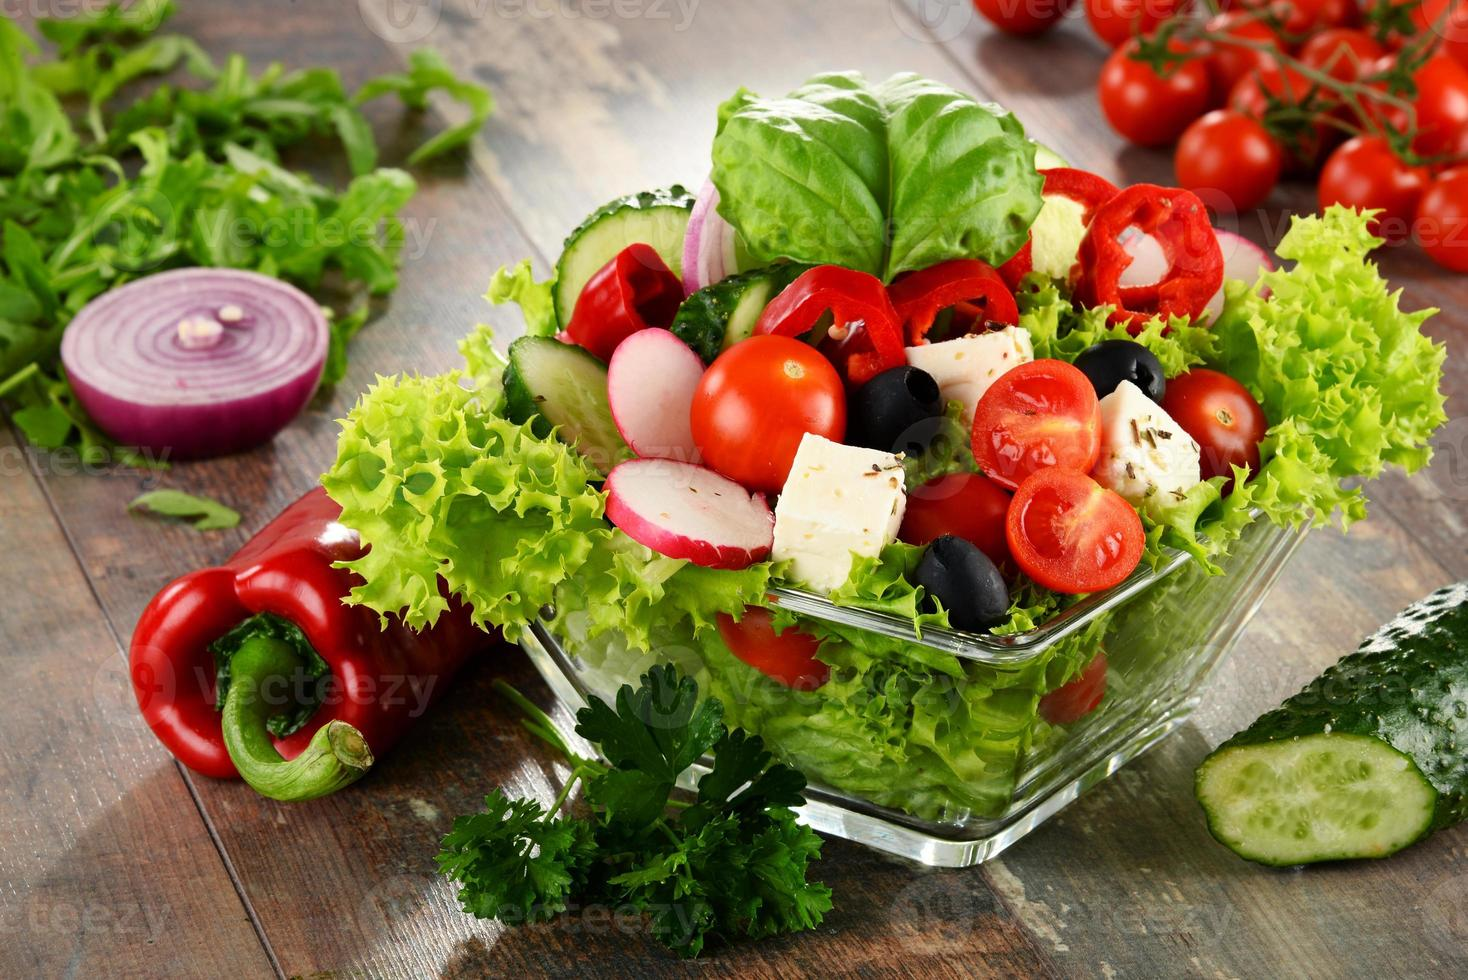 Ensaladera de verduras en la mesa de la cocina. dieta equilibrada foto